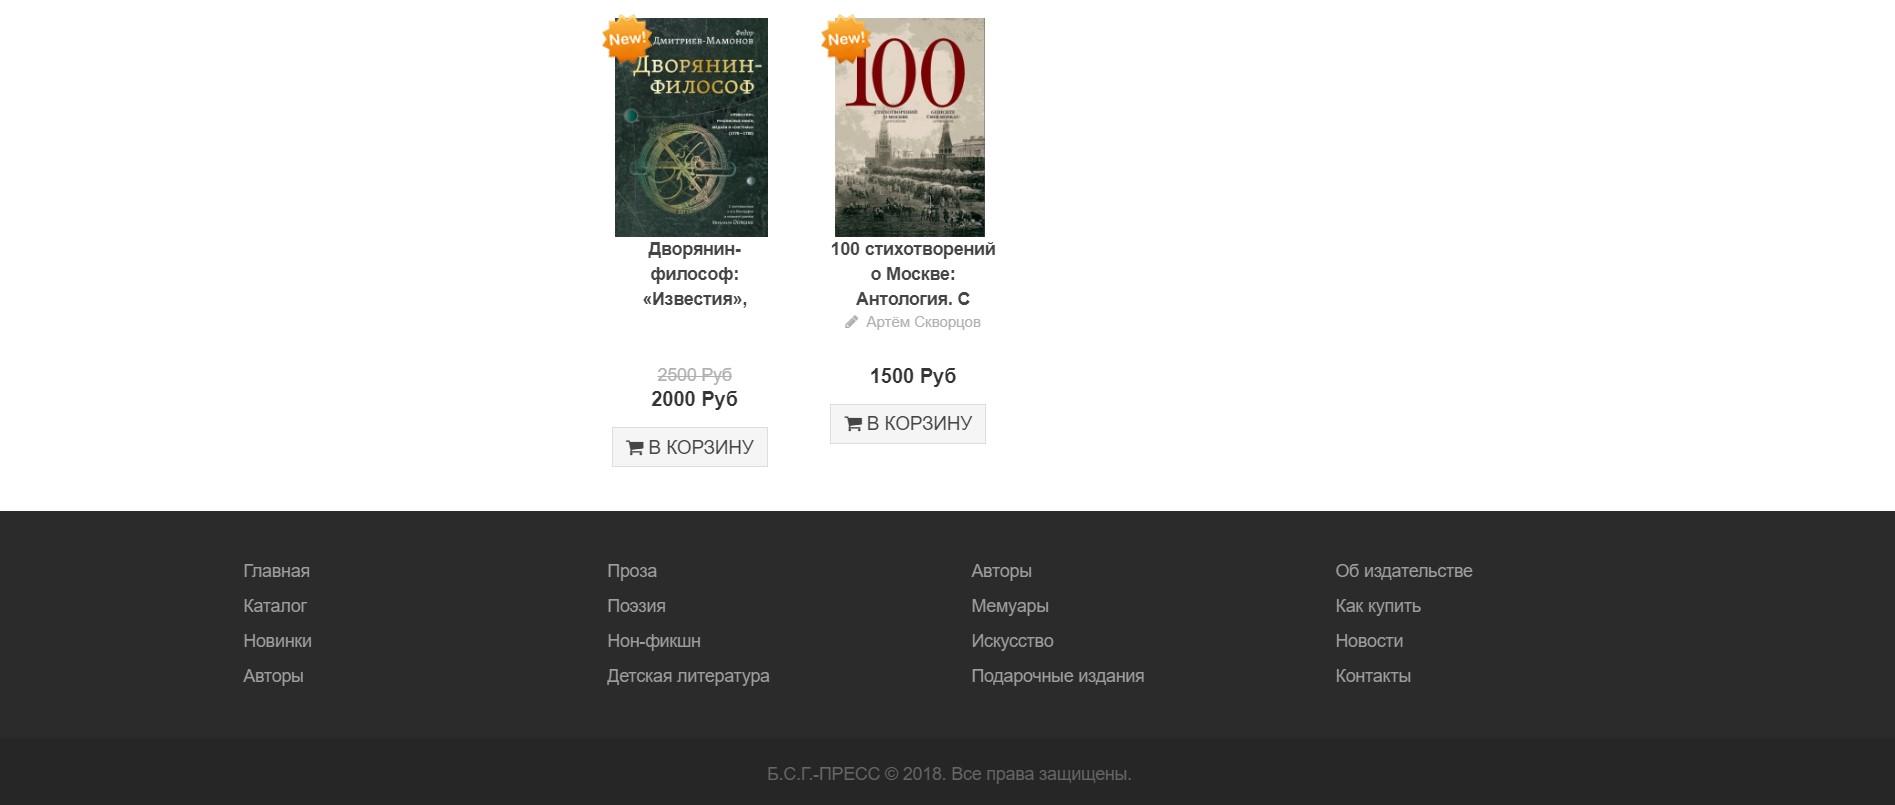 Разработка сайта для книжного издательства OG